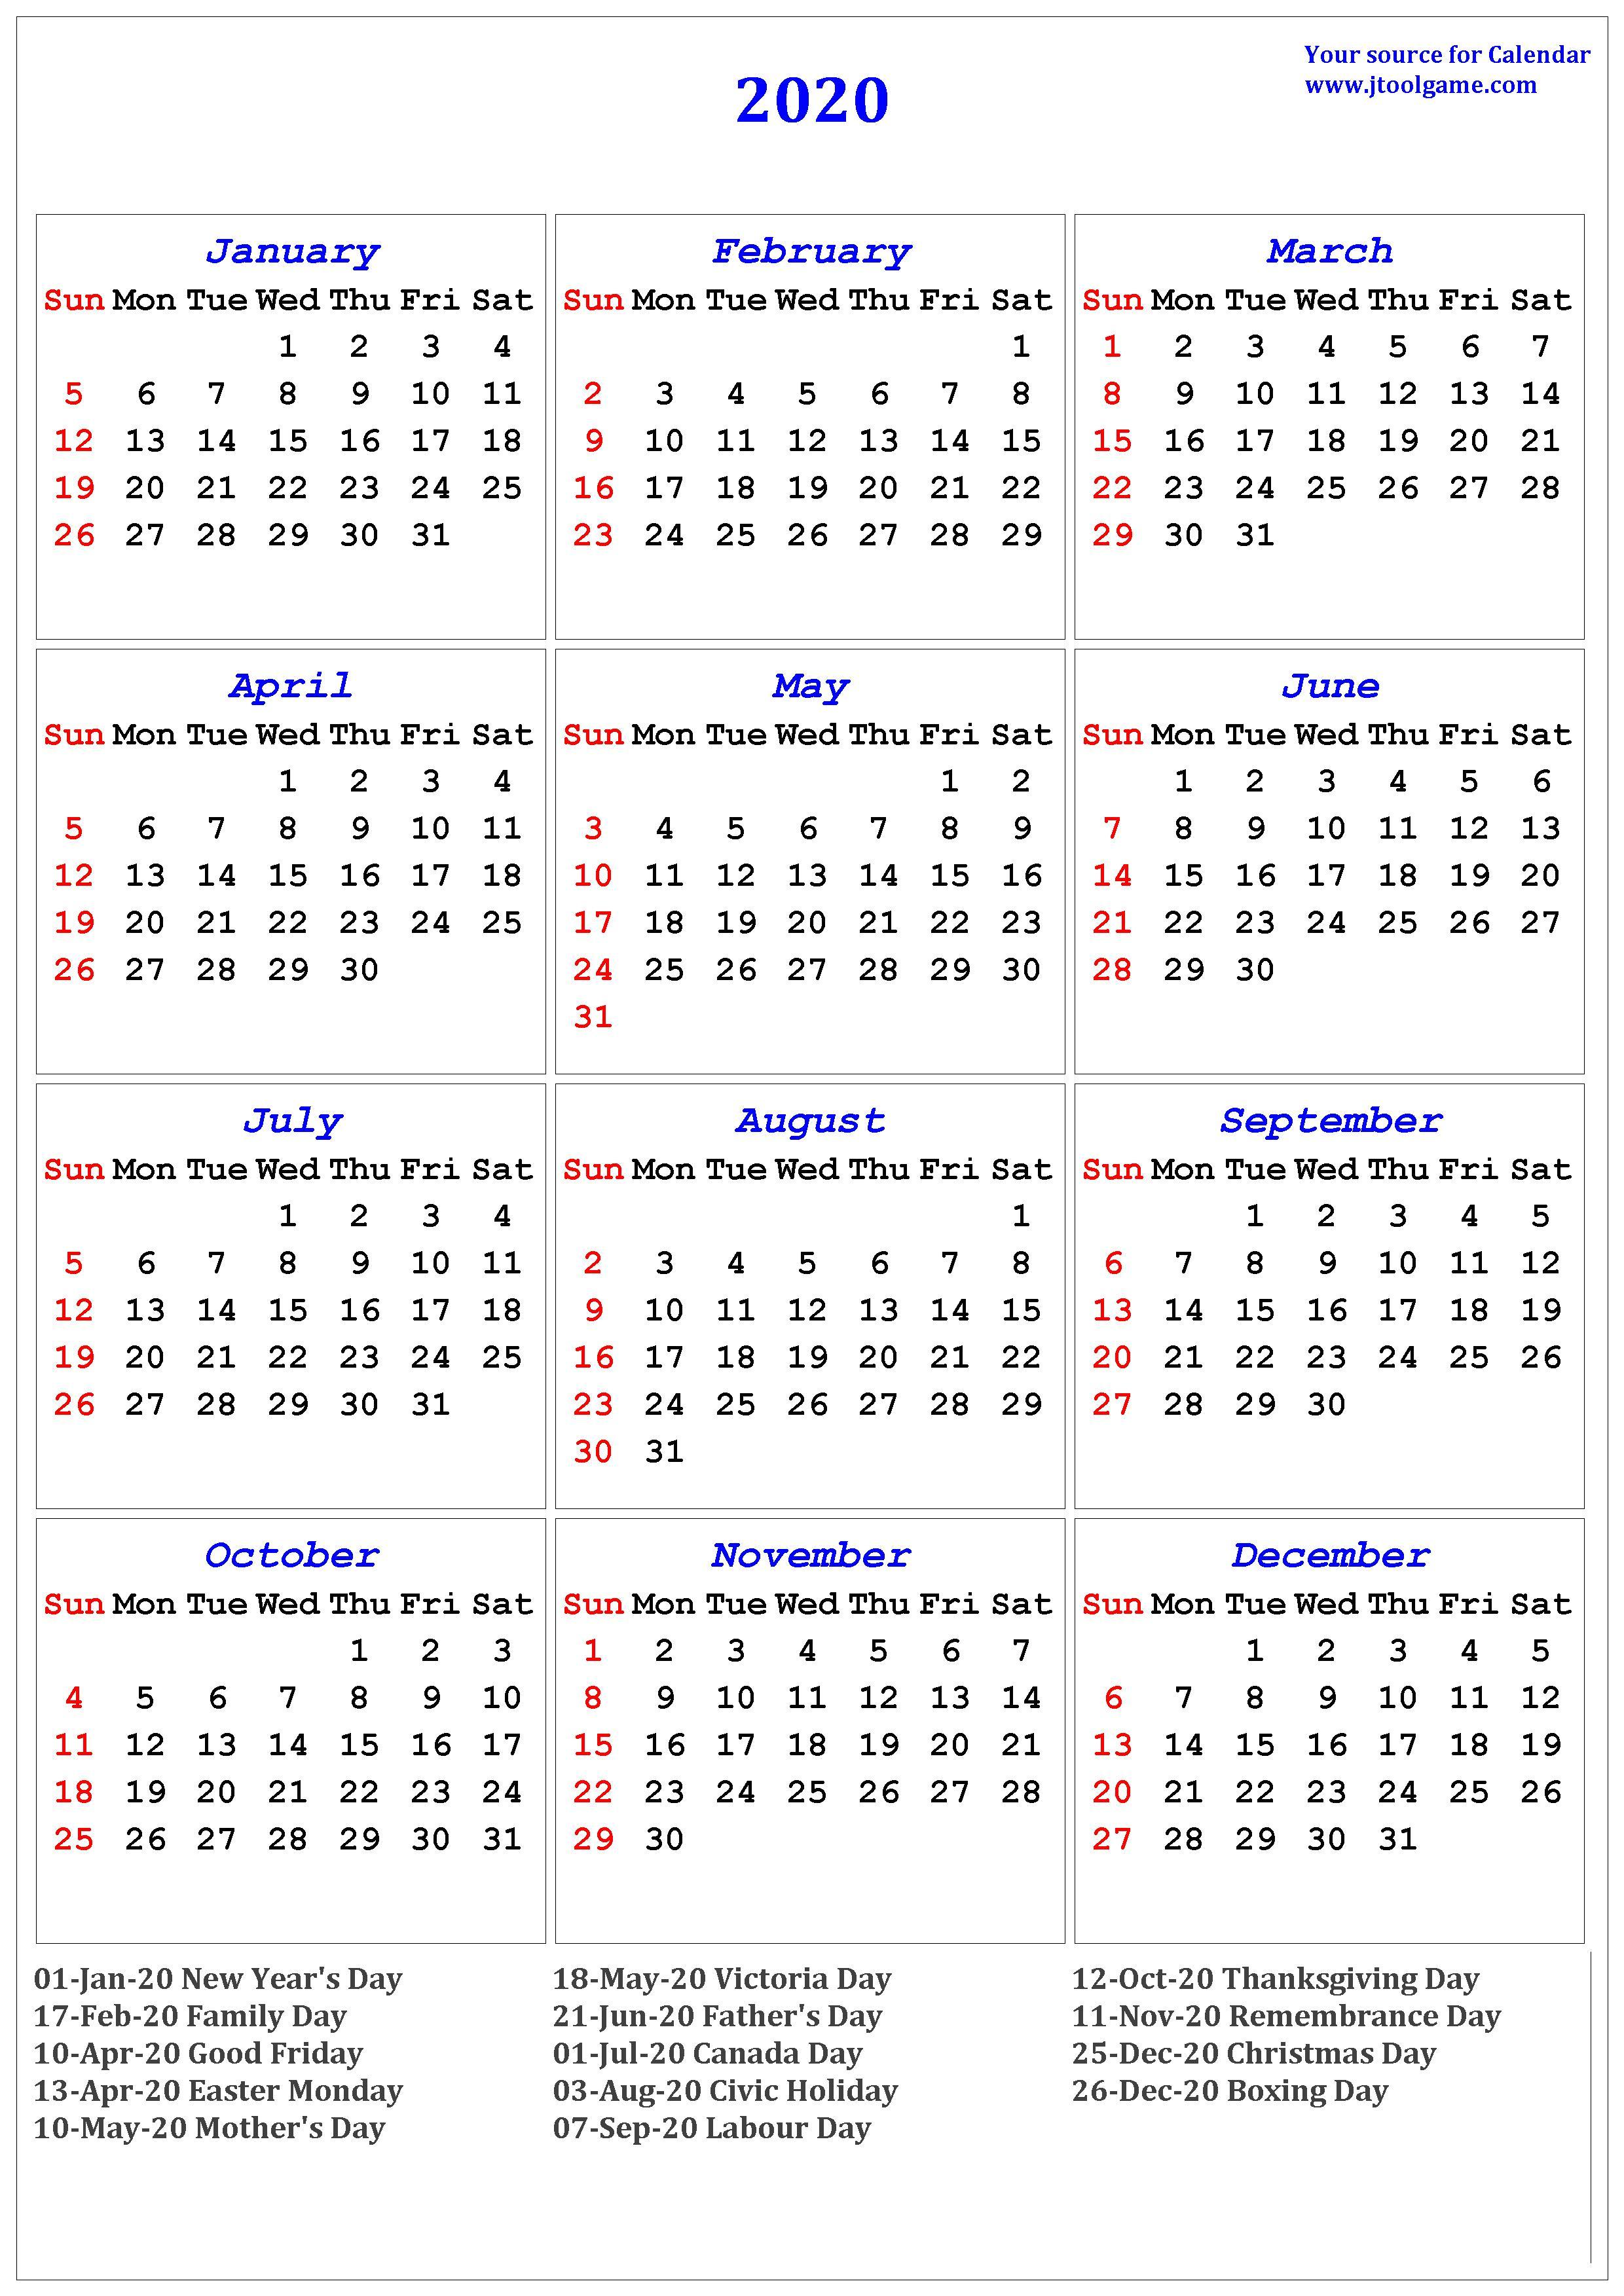 Calendar Canada 2020 - Wpa.wpart.co regarding Free Printable 2020 Canadian Calendar